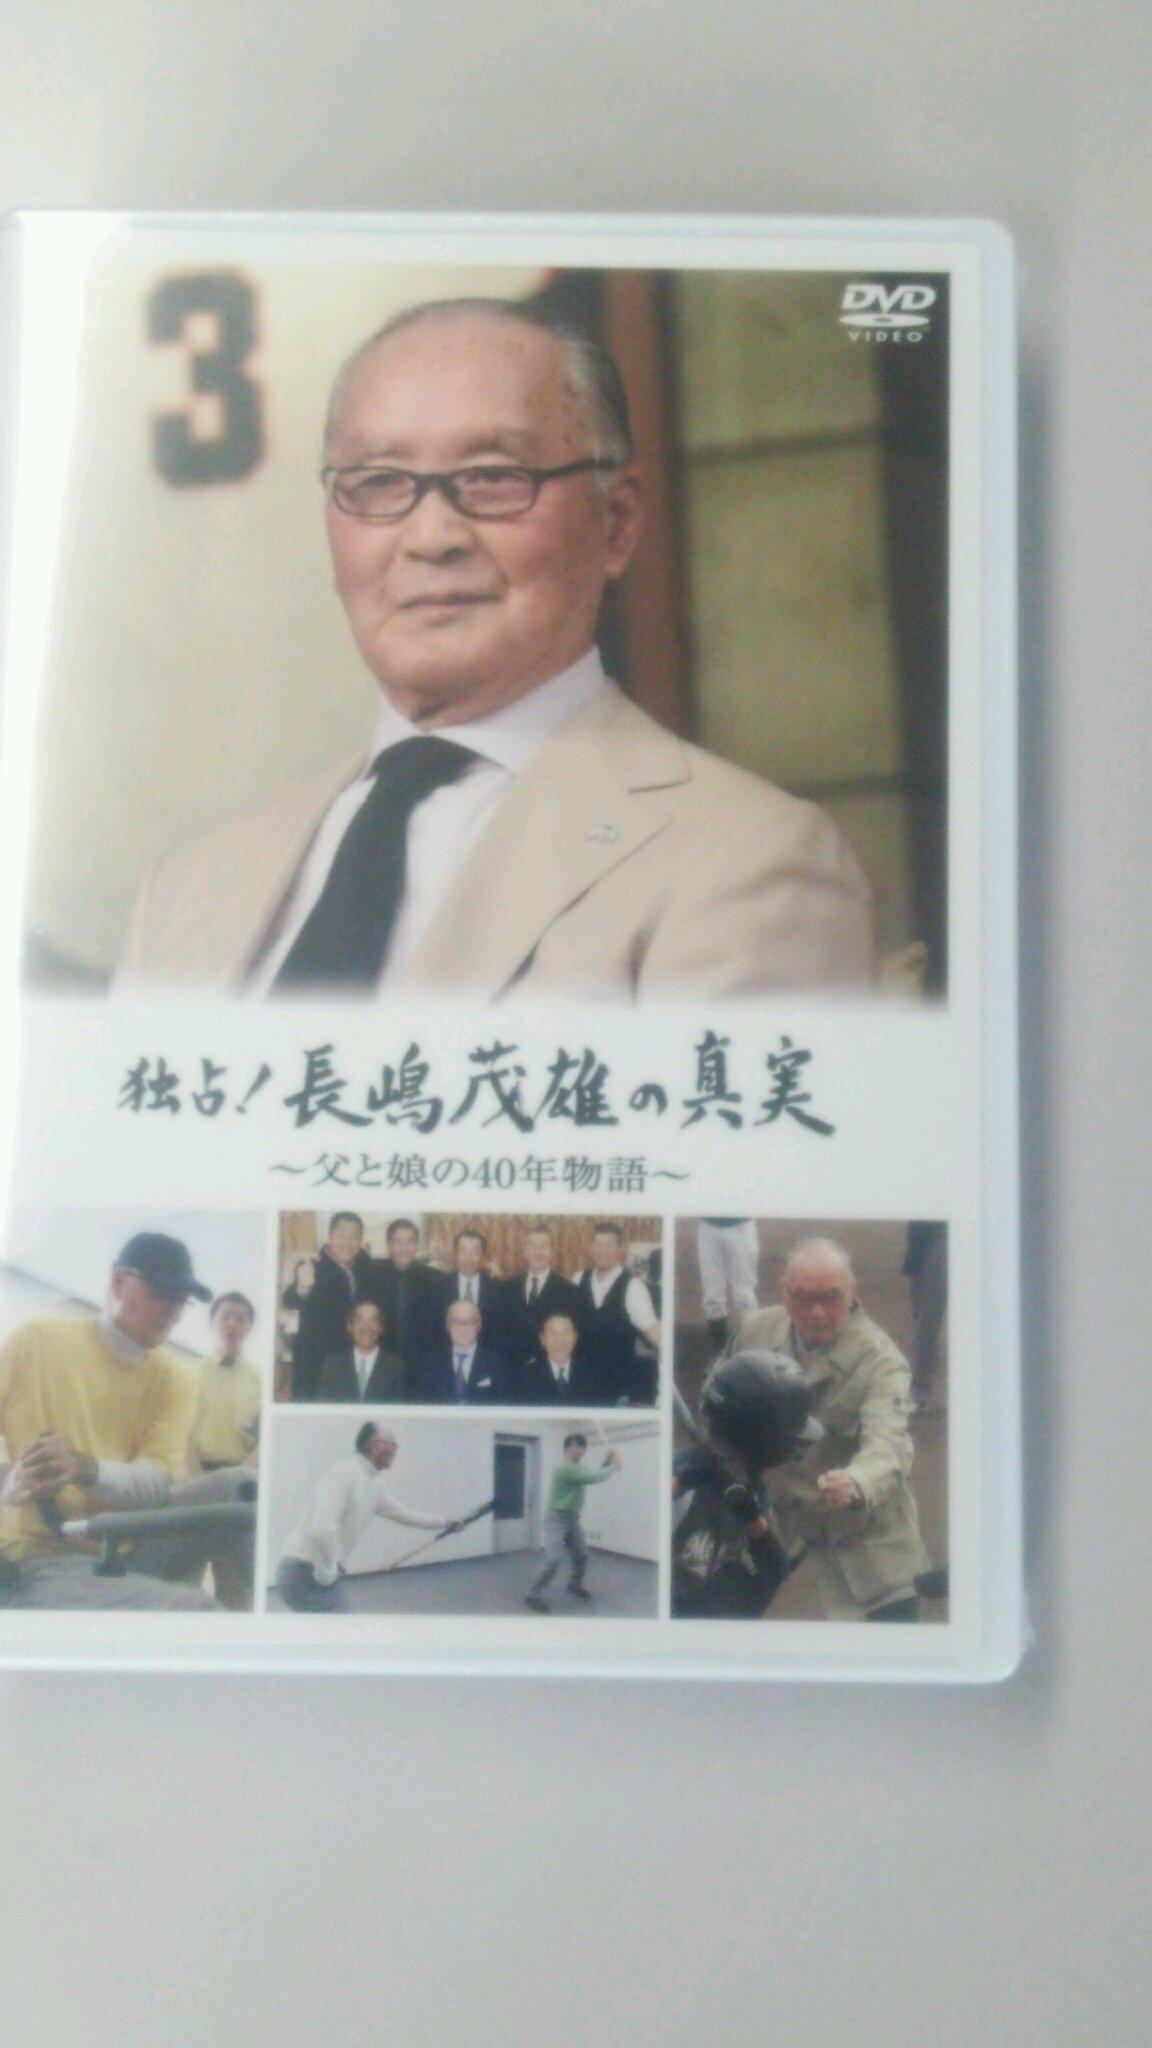 長嶋茂雄さんのDVD買いました。_e0119092_13005881.jpg